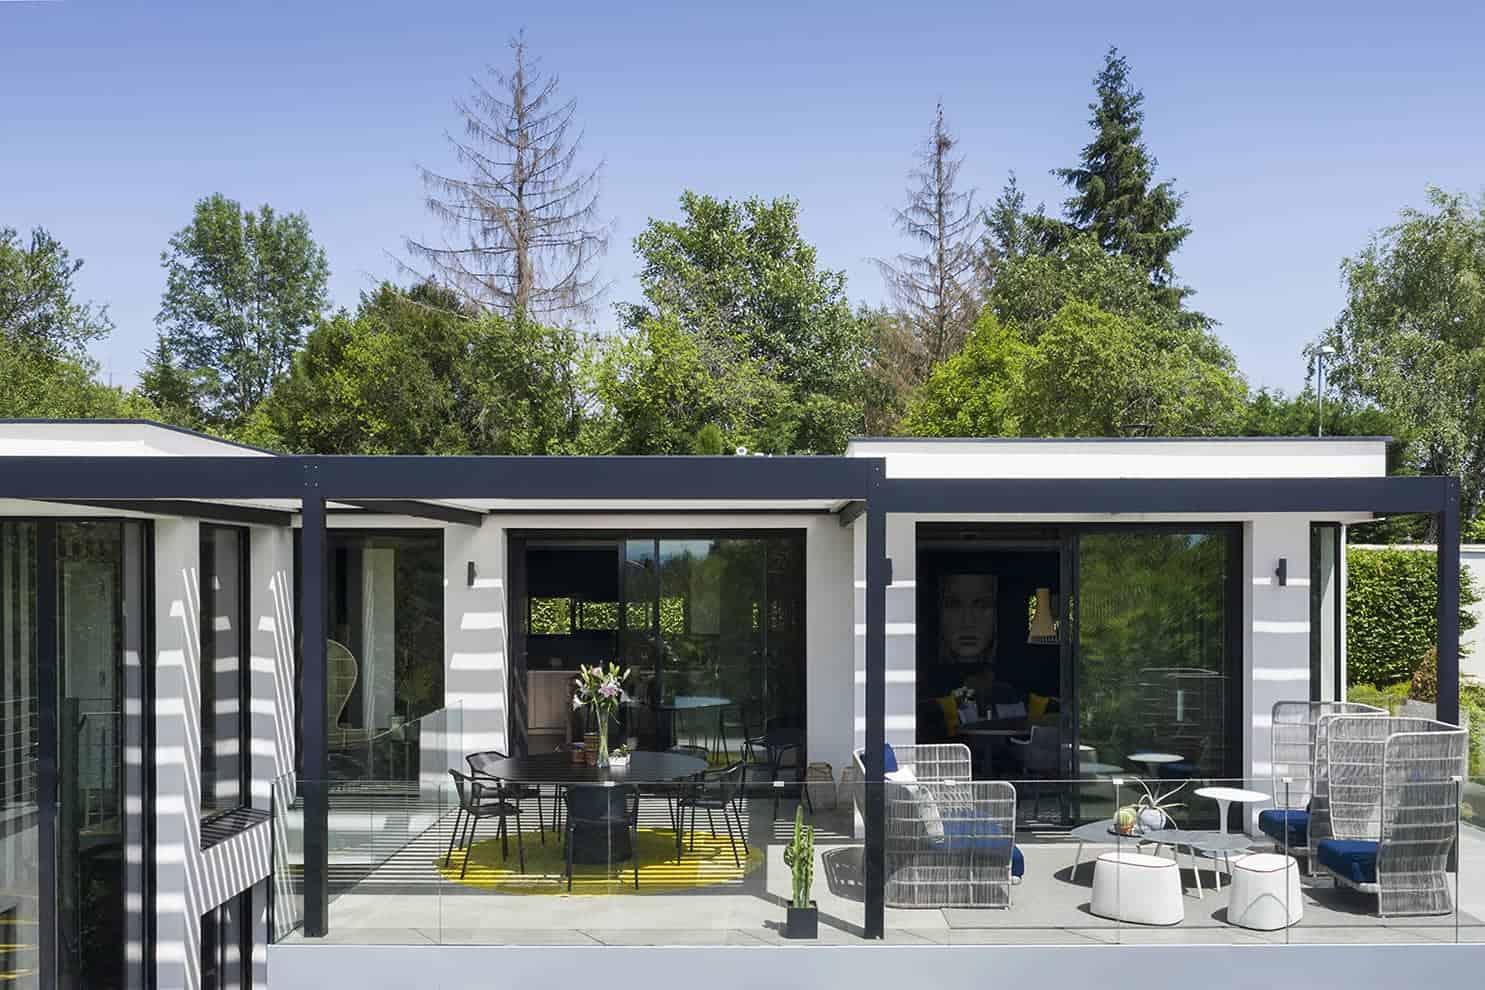 Sur la terrasse panoramique qui borde les pièces de jour et la master suite, la pergola (Solisystème® - Passion Design) recouvre la superficie totale. Grâce à la réinterprétation de Maison Home Design, intérieur et extérieur s'inscrivent dans un clair-obscur, redonnant à chaque zone de vie une présence affirmée.